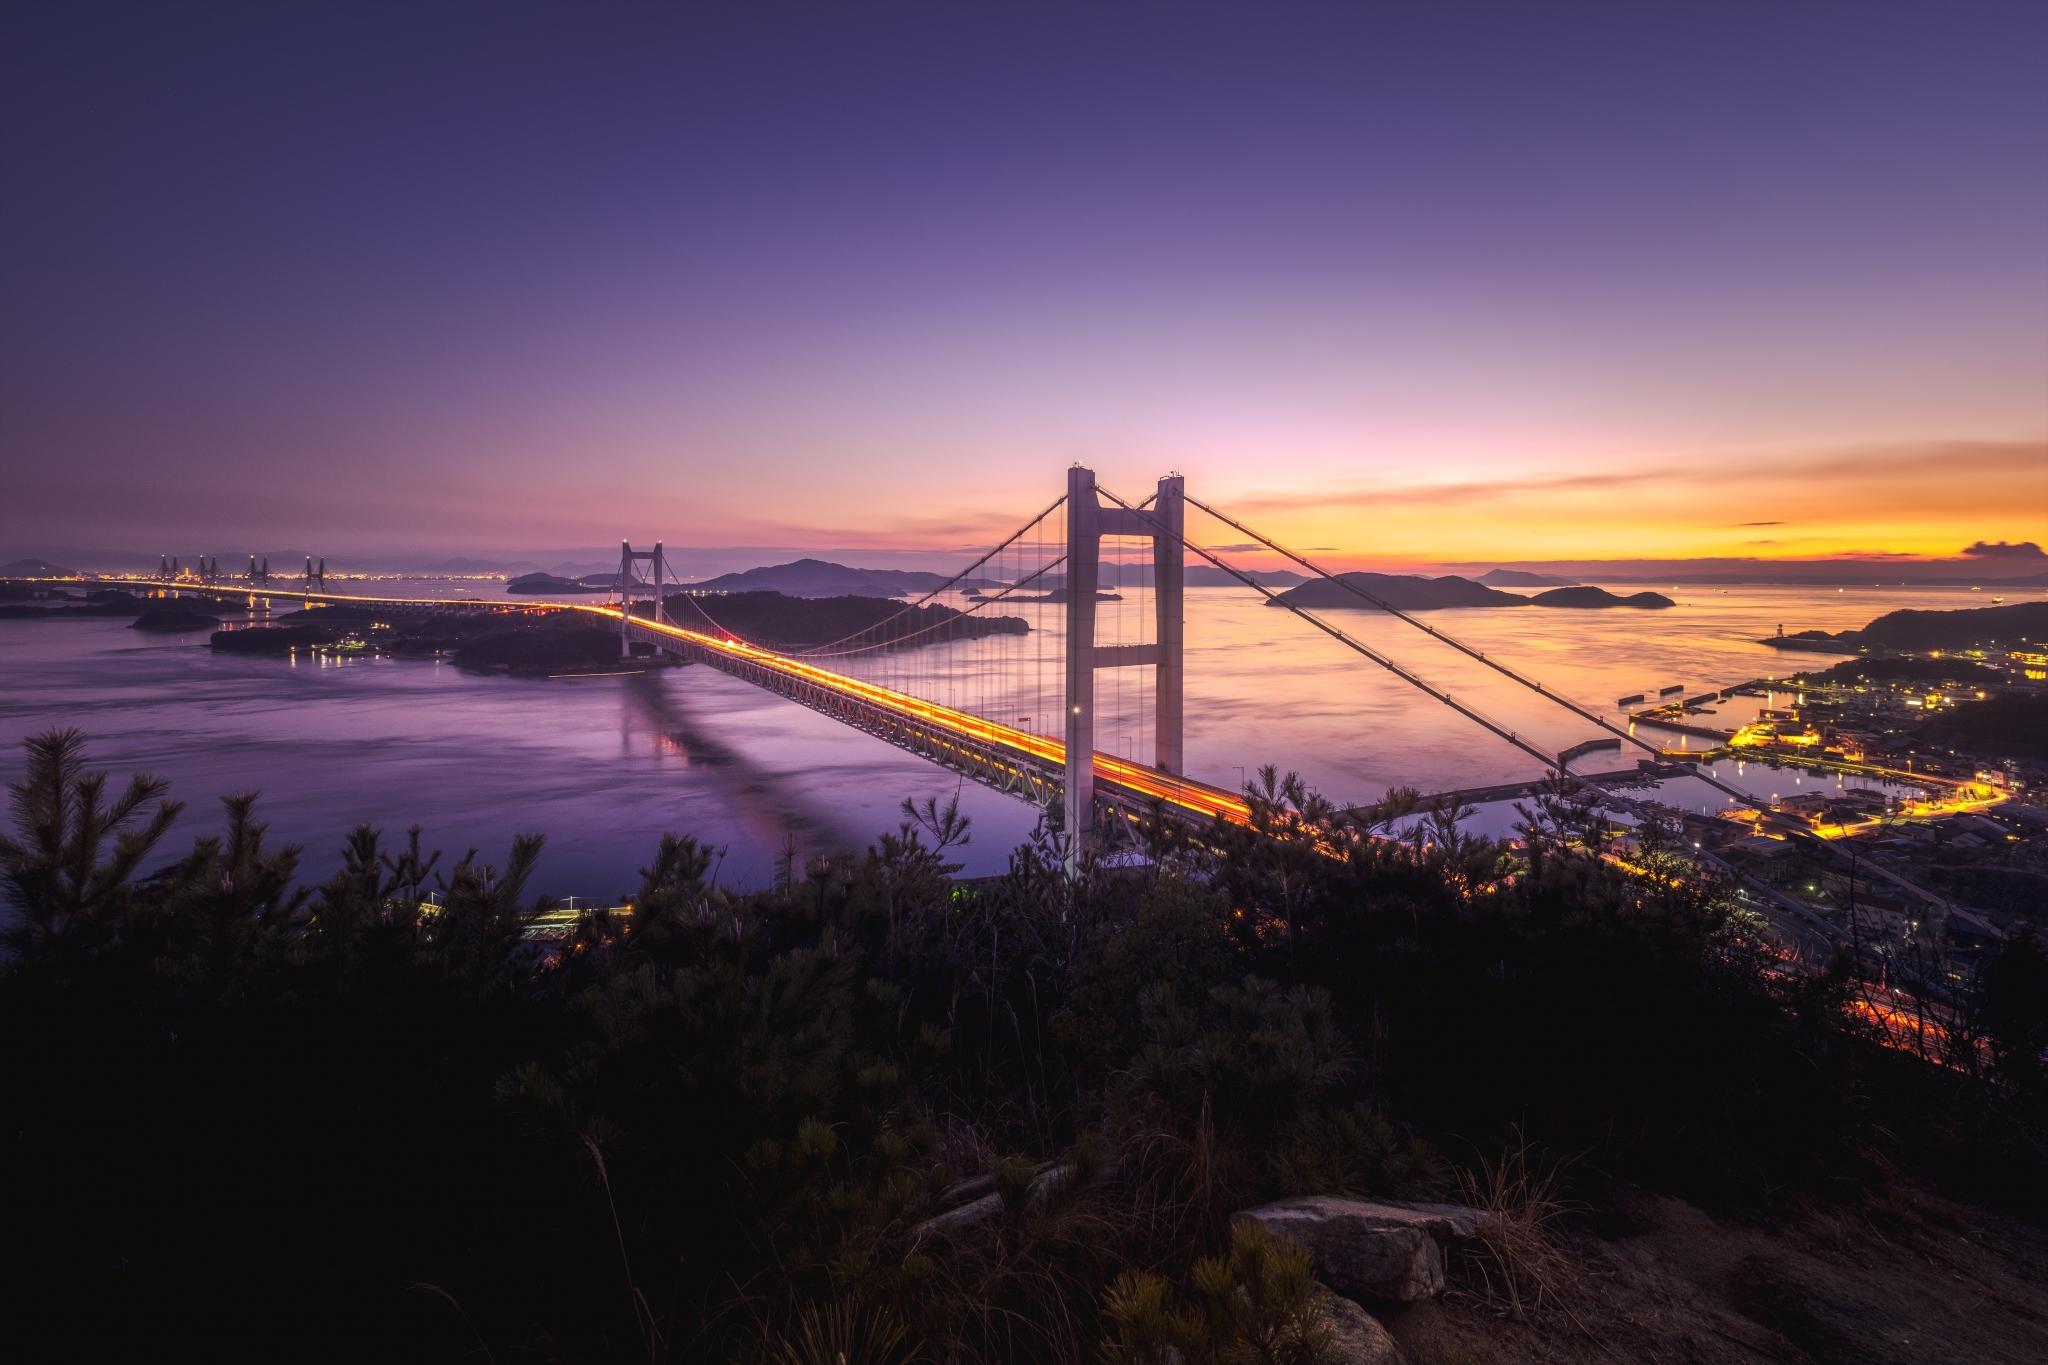 mont washuzan setouchi mer intérieure de Seto vue panoramique pont de Seto par national coucher de soleil nature îlots japon okayama pittoresque kurashiki